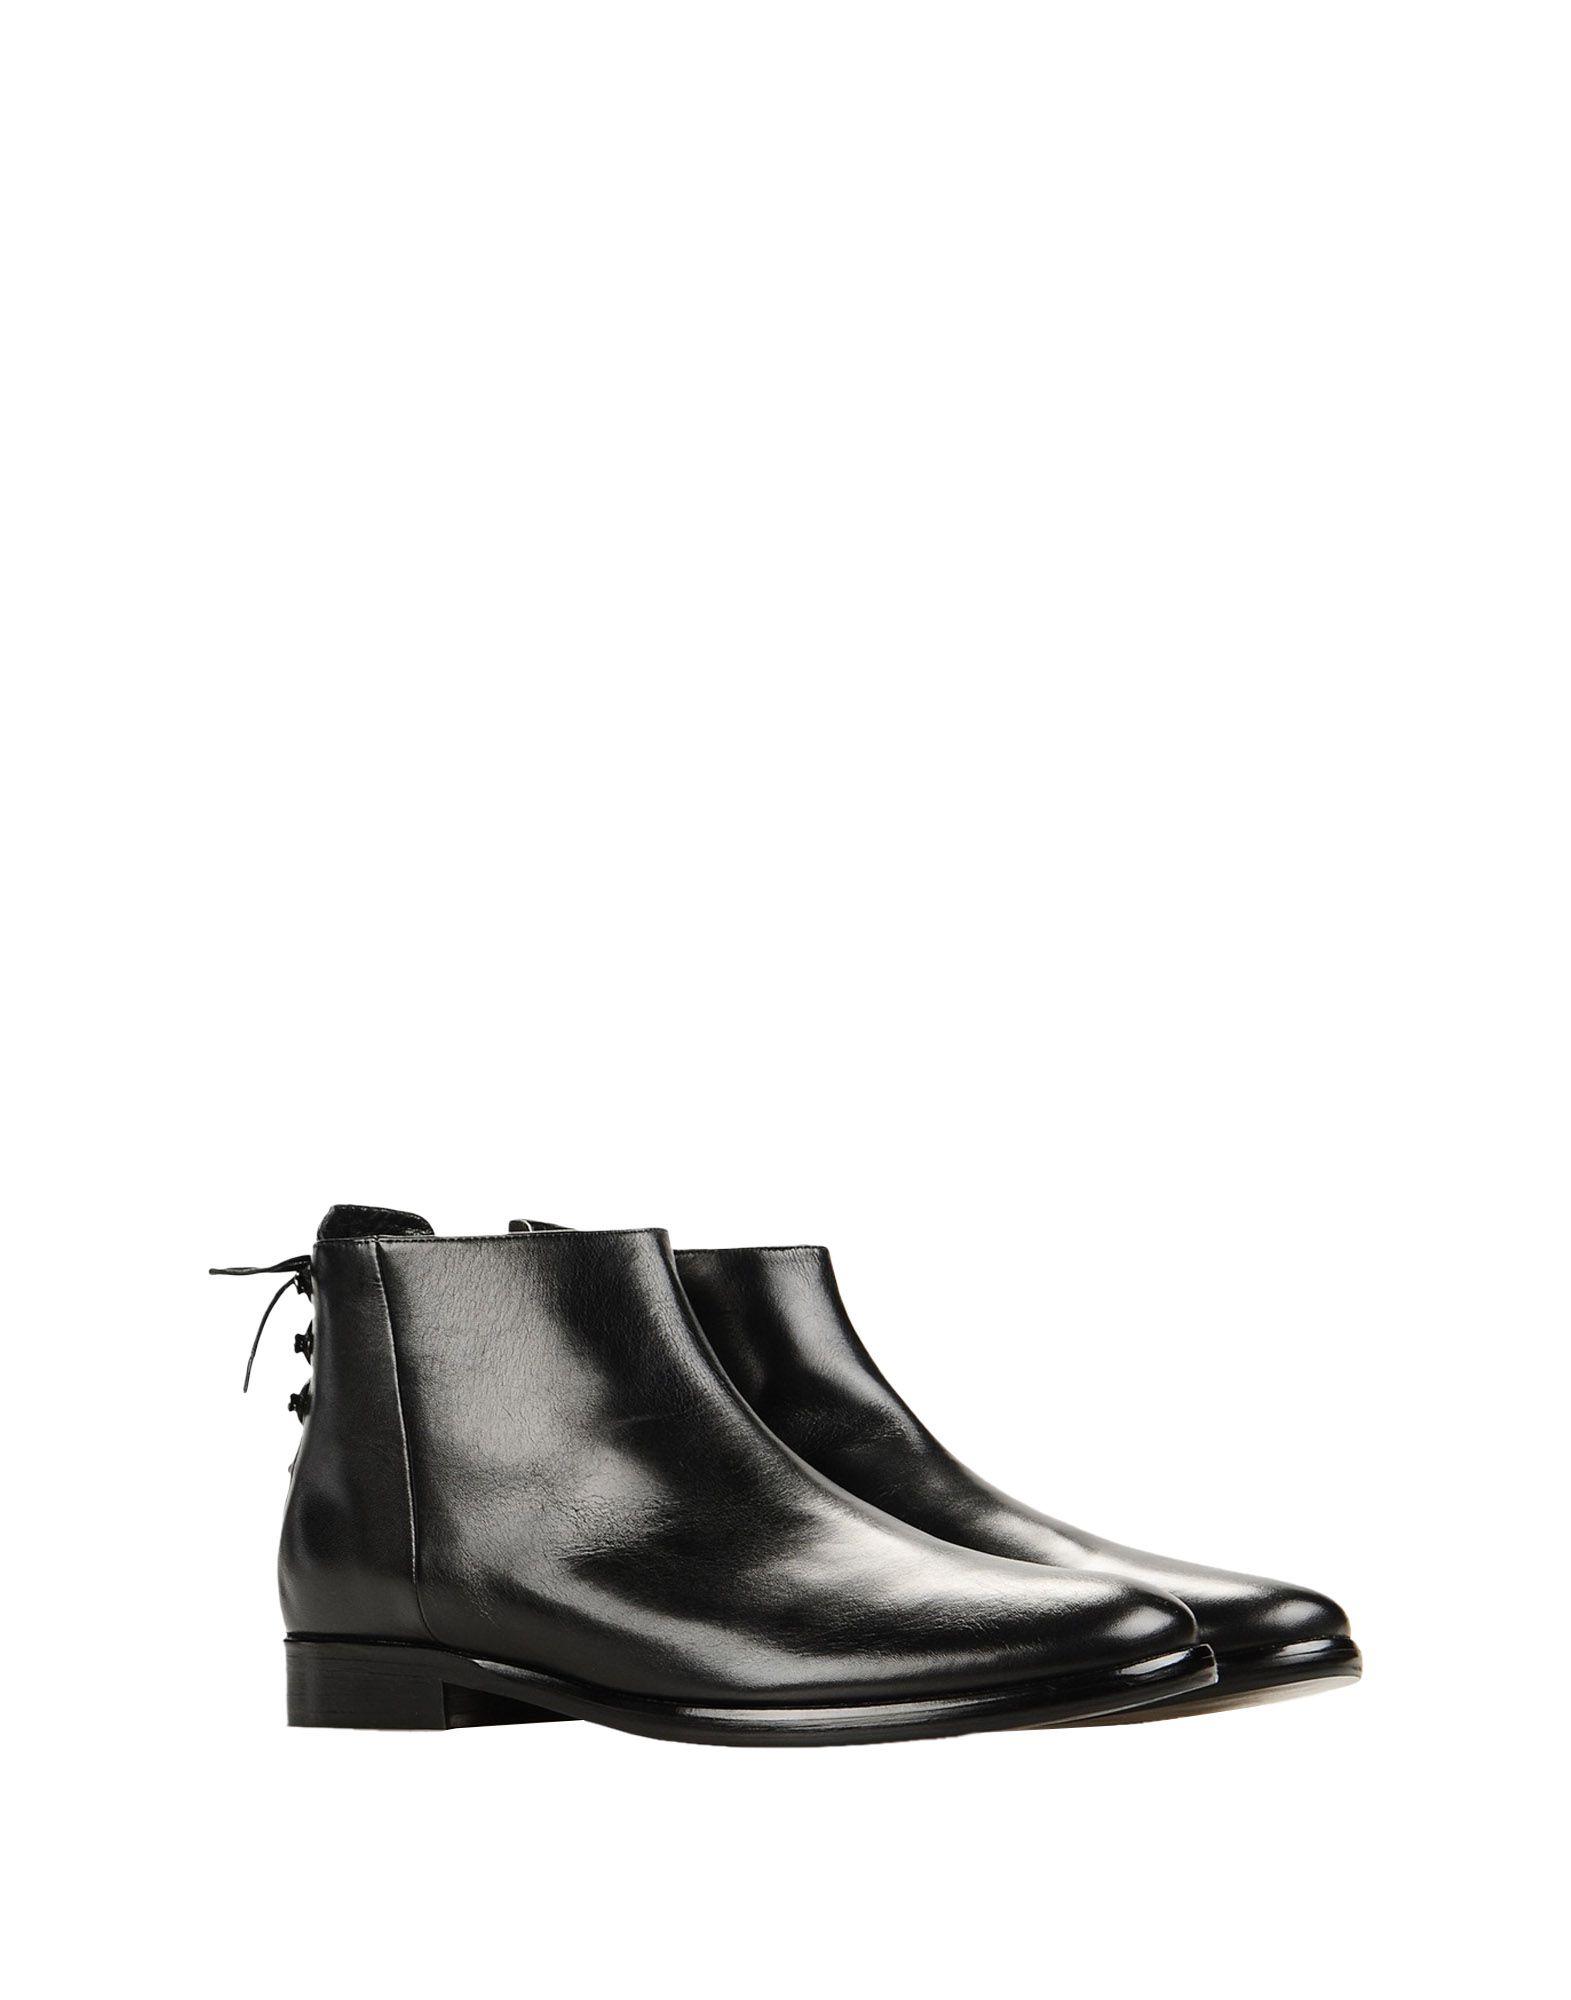 EMPORIO ARMANI Полусапоги и высокие ботинки armani jeans полусапоги и высокие ботинки